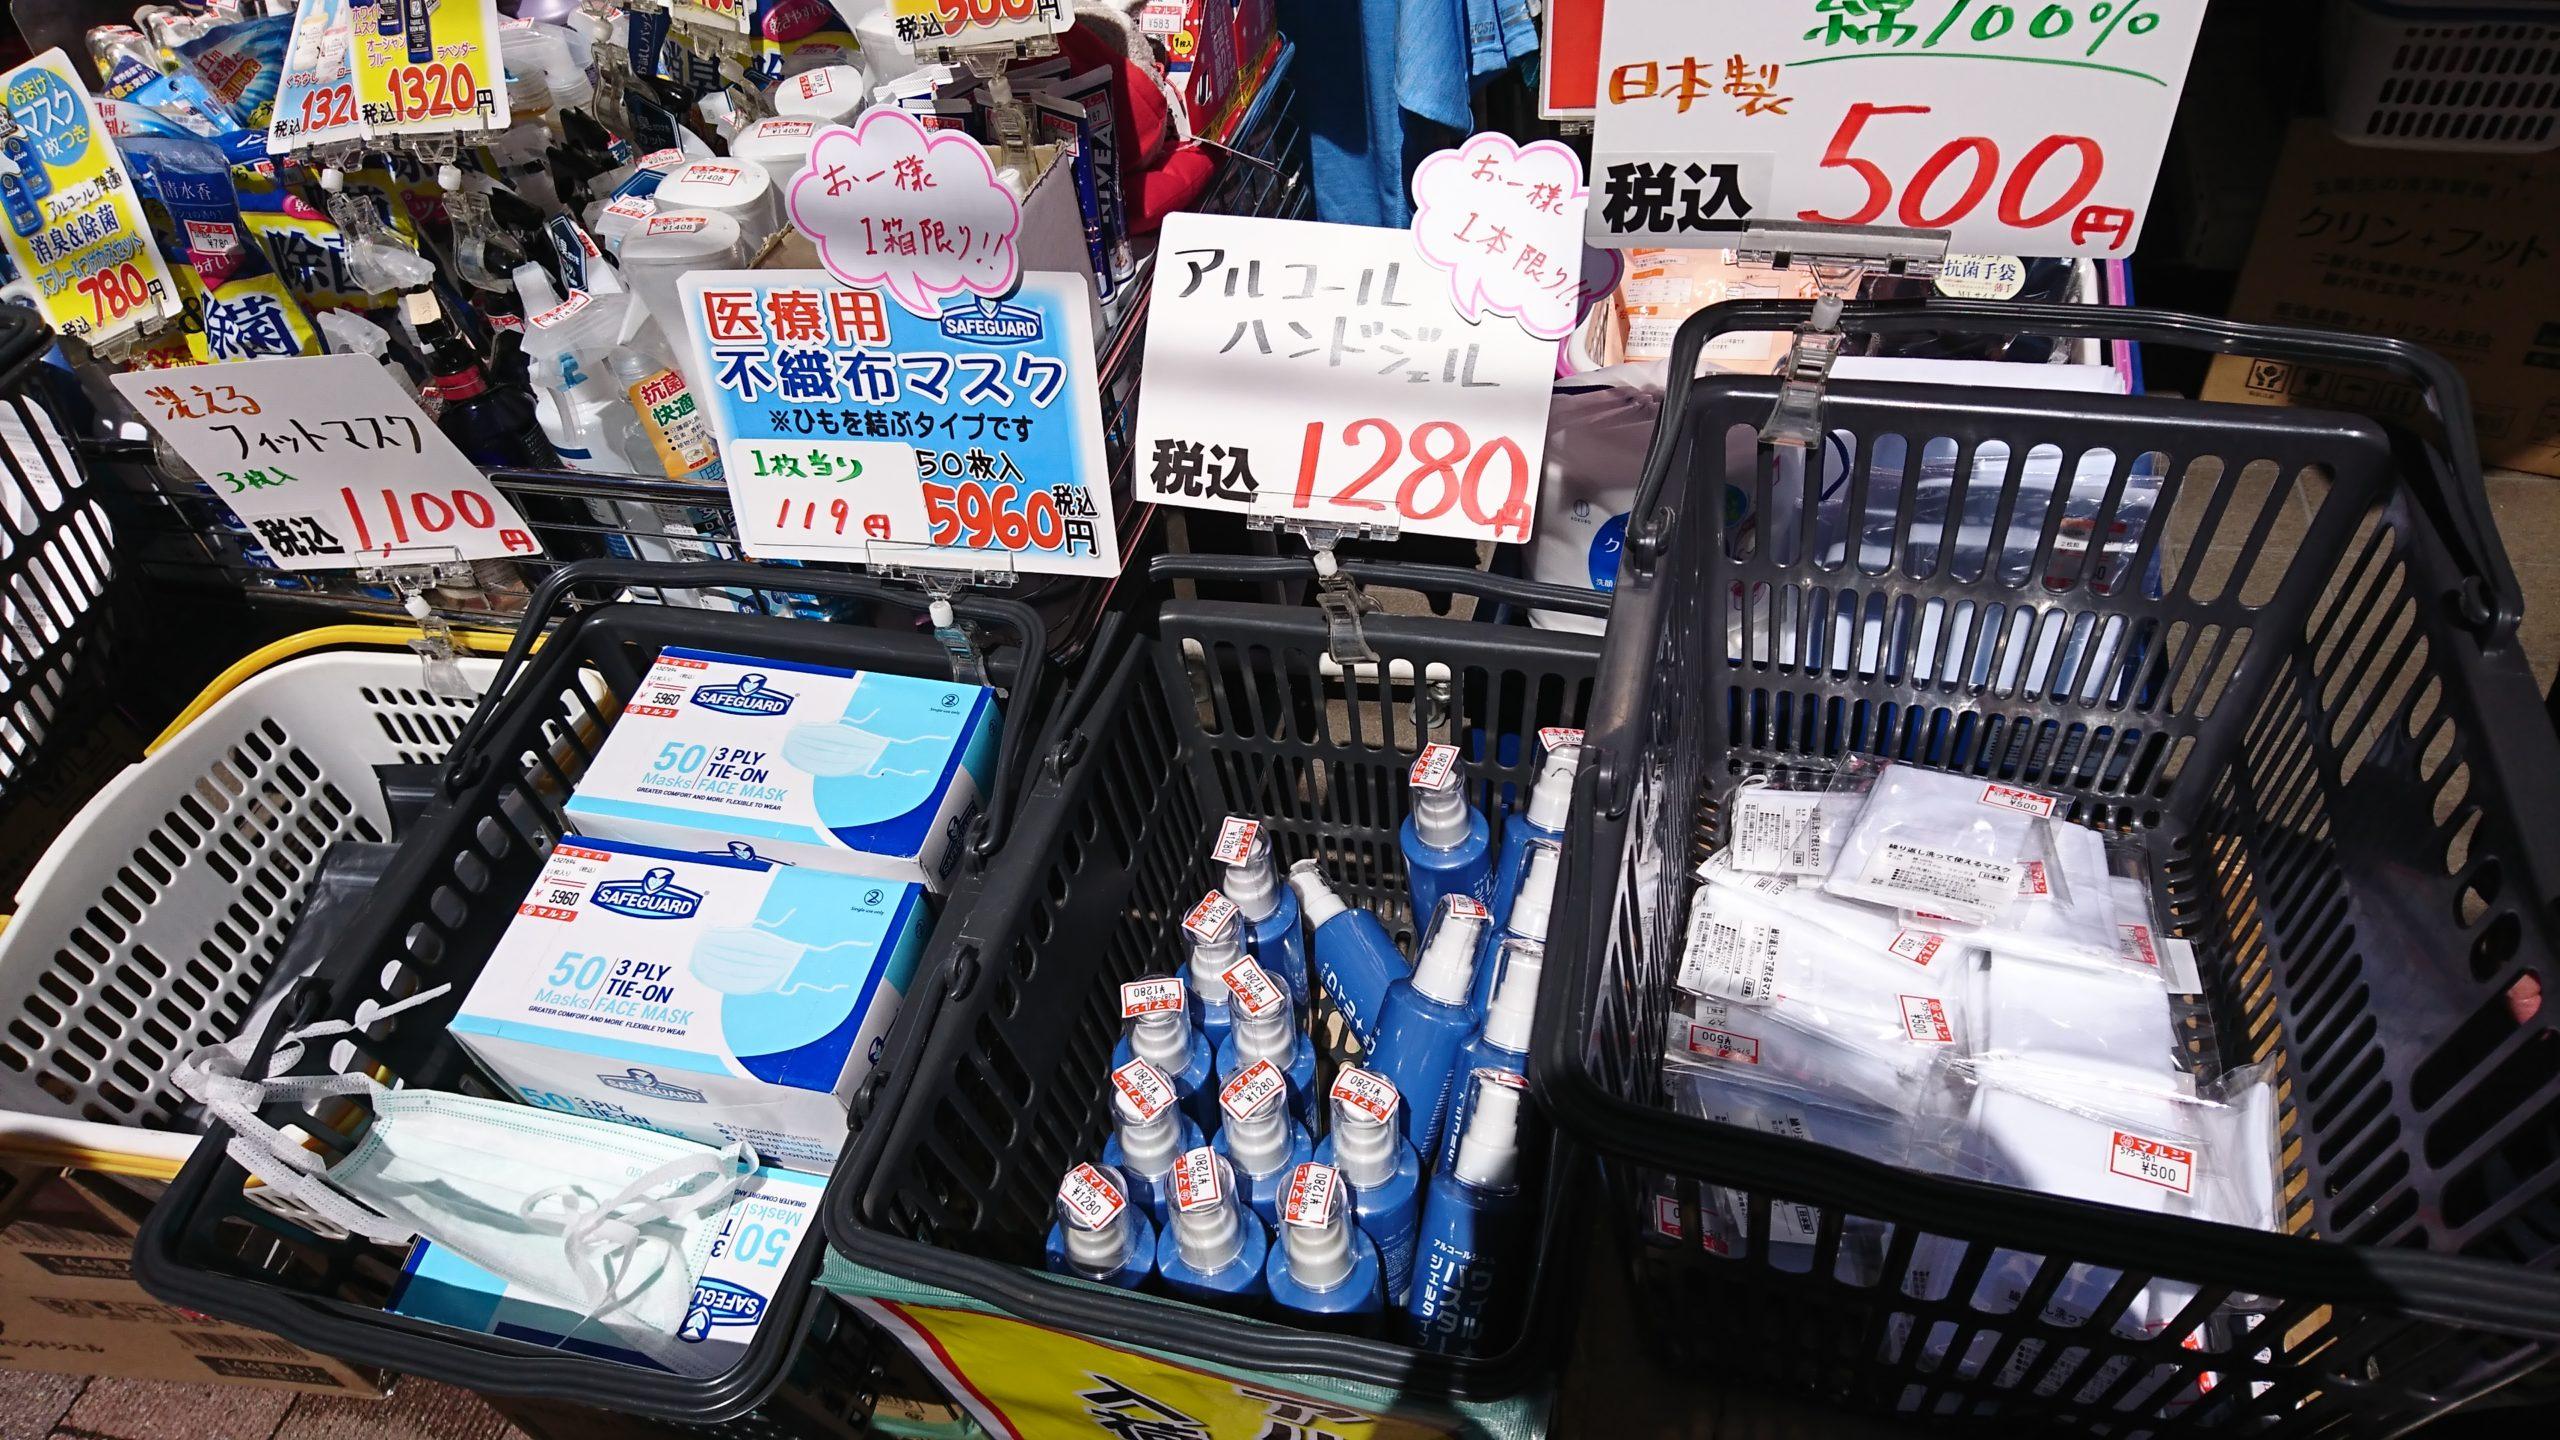 マスク在庫ありの店舗を東京都内で探してみた結果と必要性の高い場所3